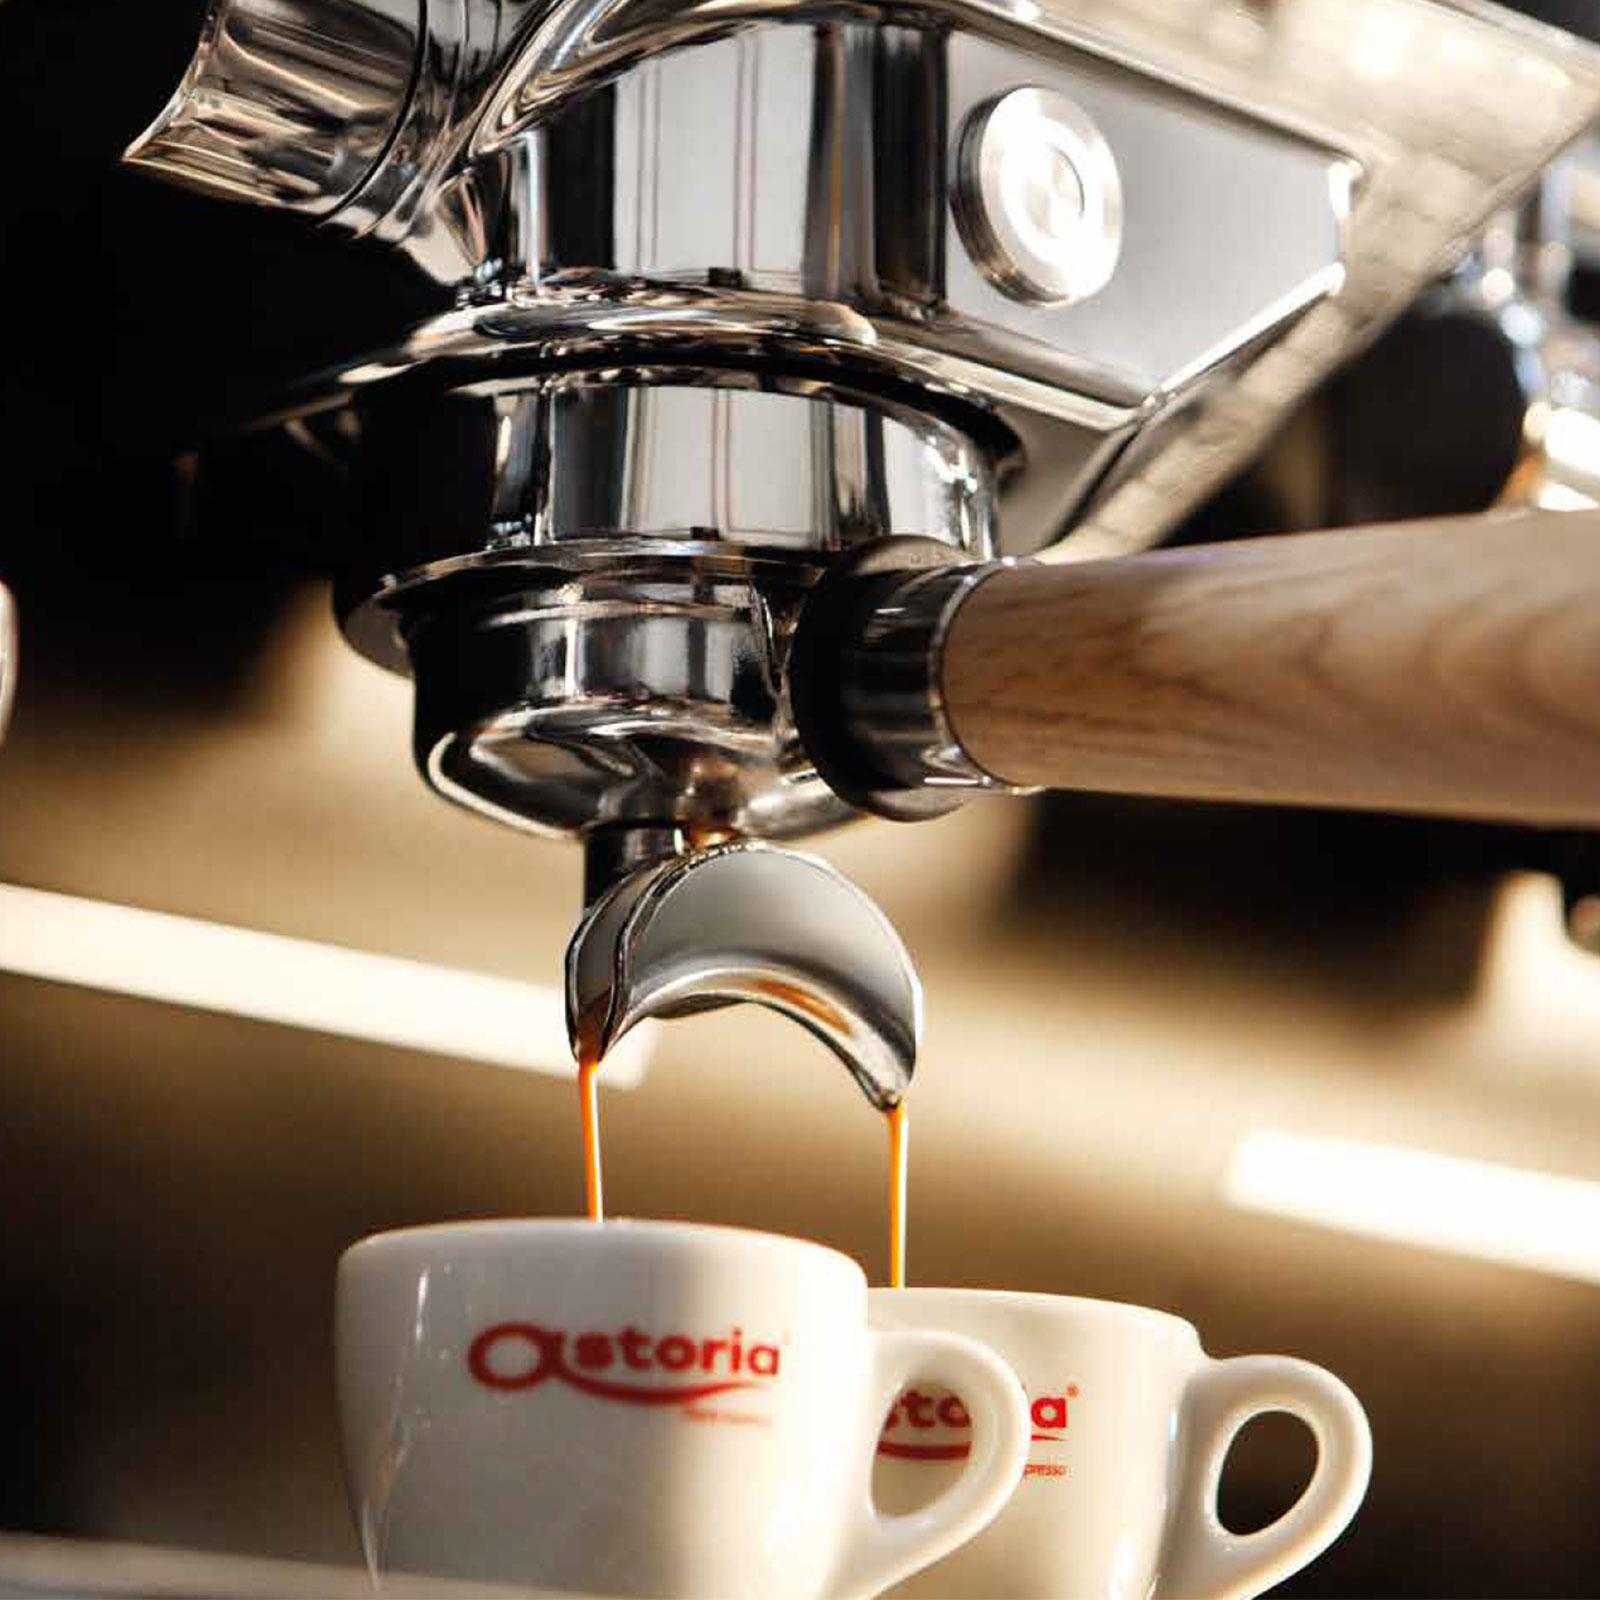 Astoria macchine per caffè